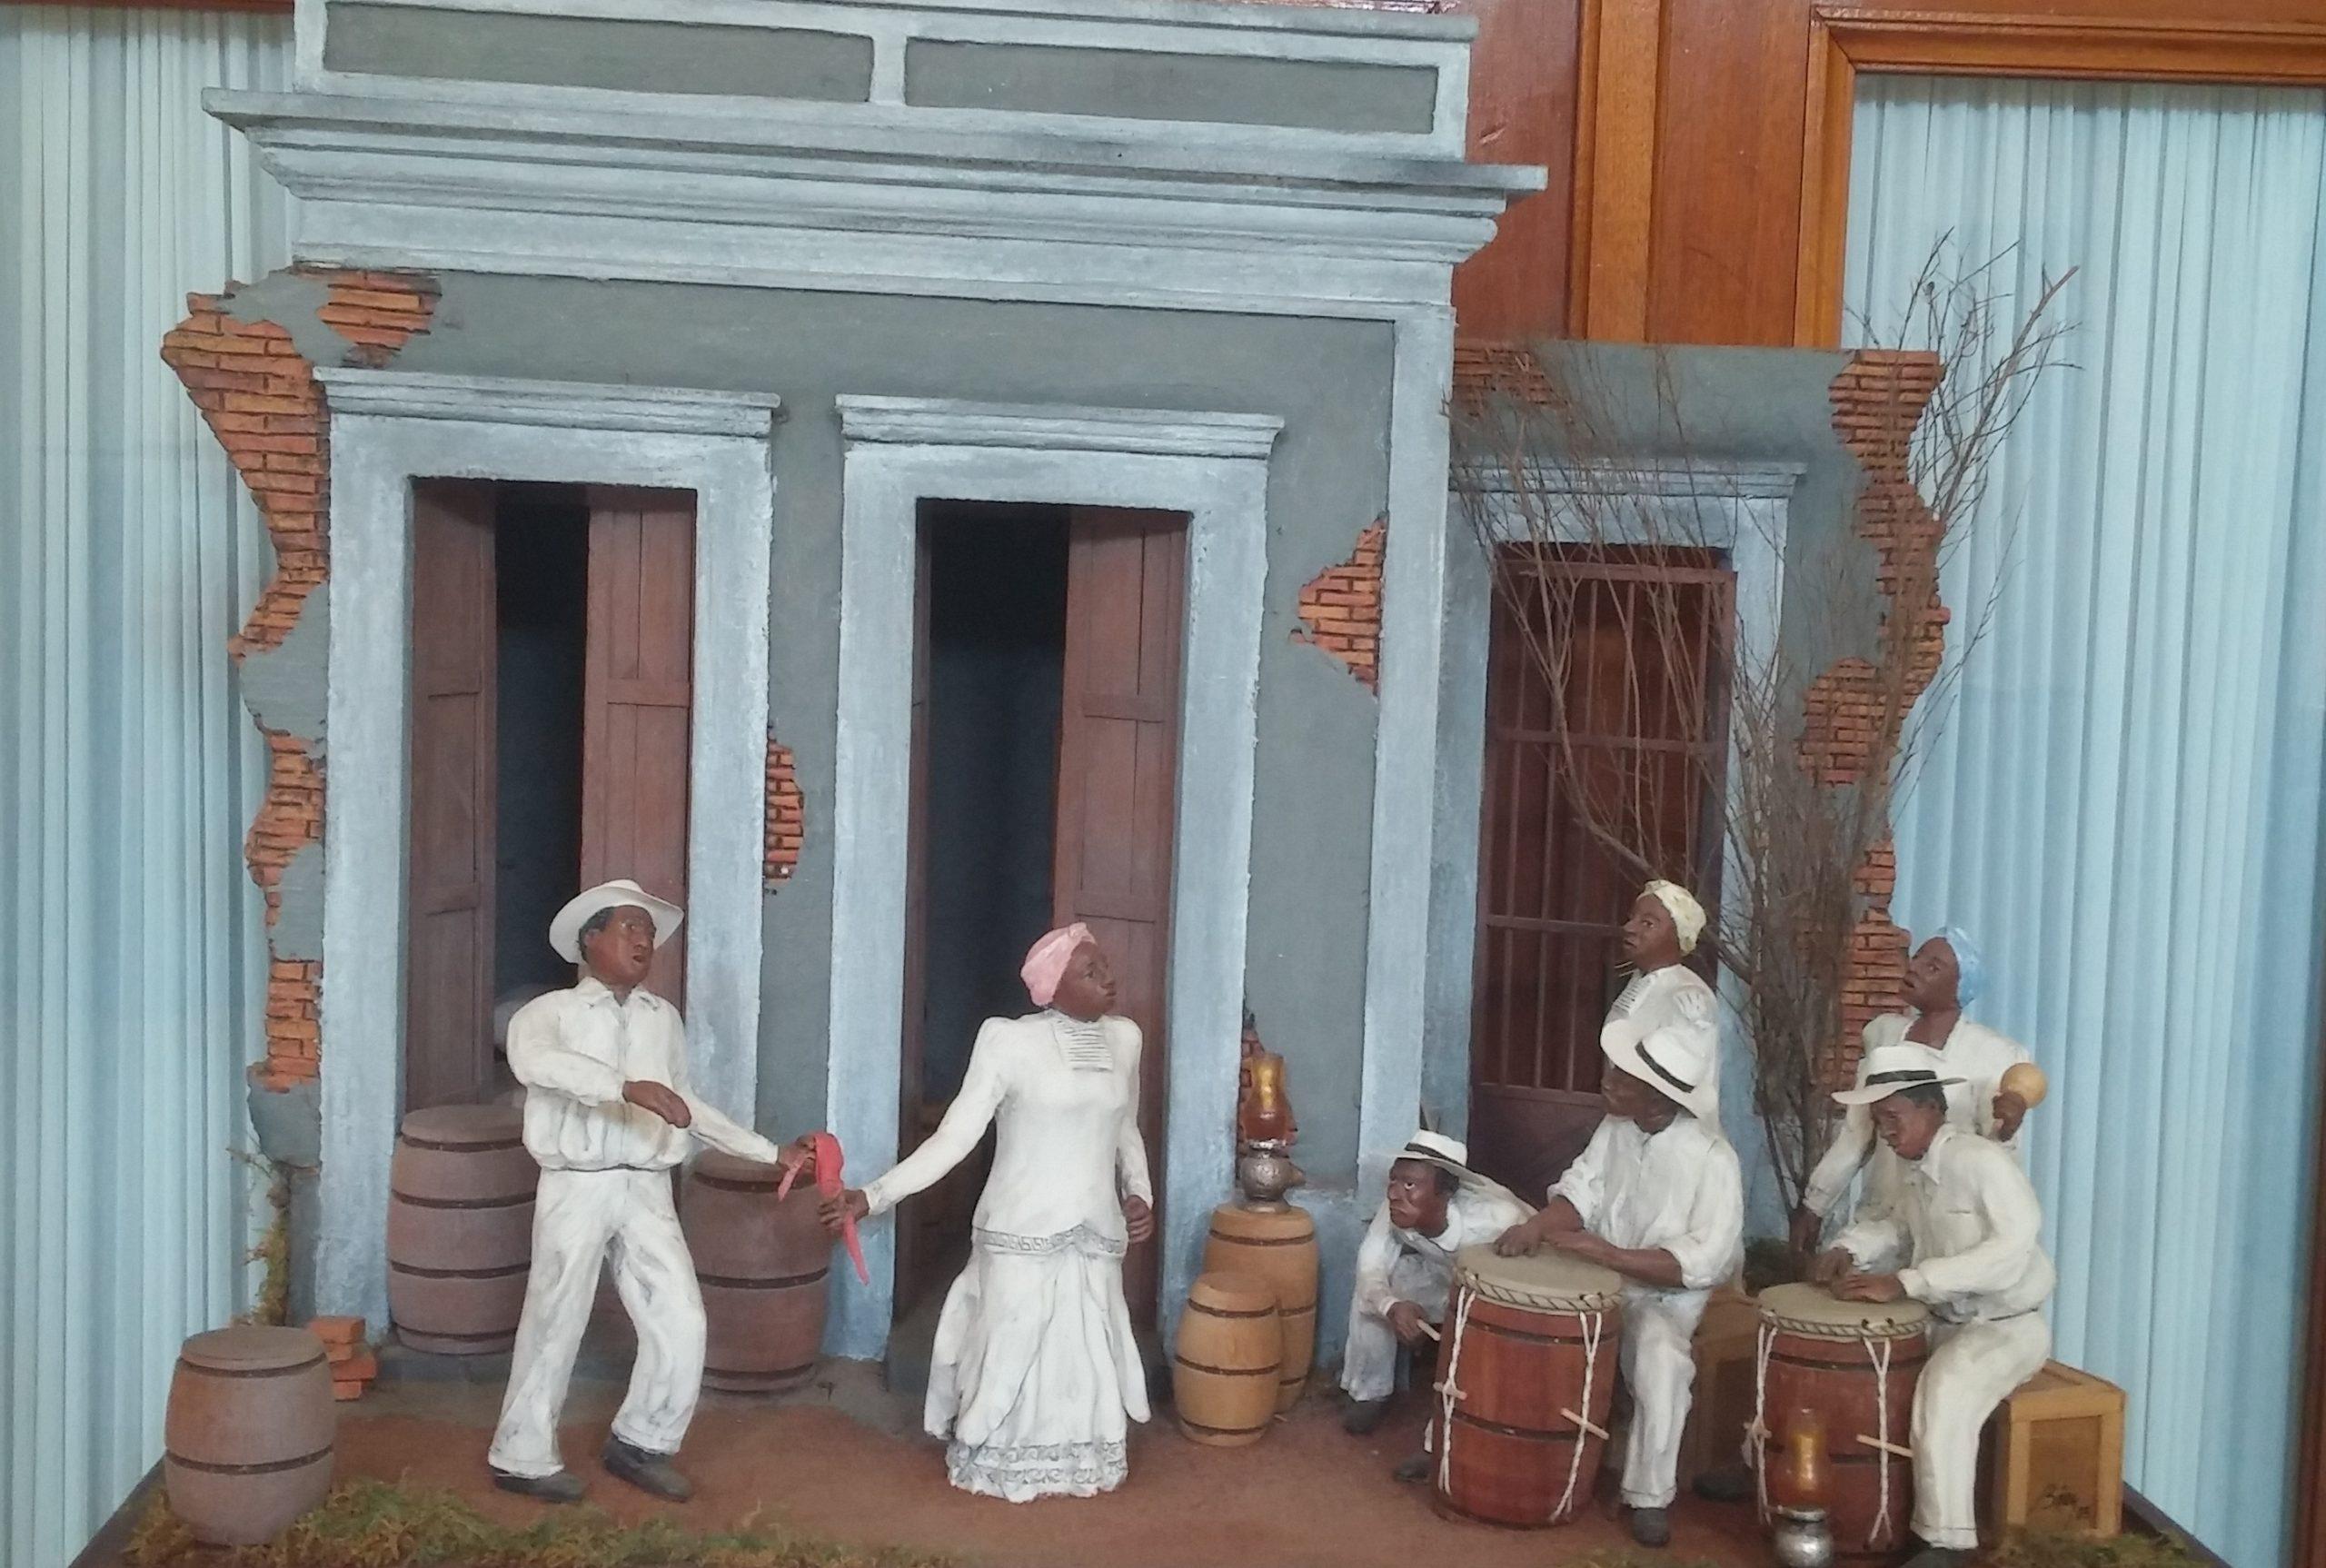 Fiesta en el solar es una miniatura basada en el cuento del Baquiné de Díaz Alfaro. (Foto Gabriela Ortiz para Fundación Nacional para la Cultura Popular)